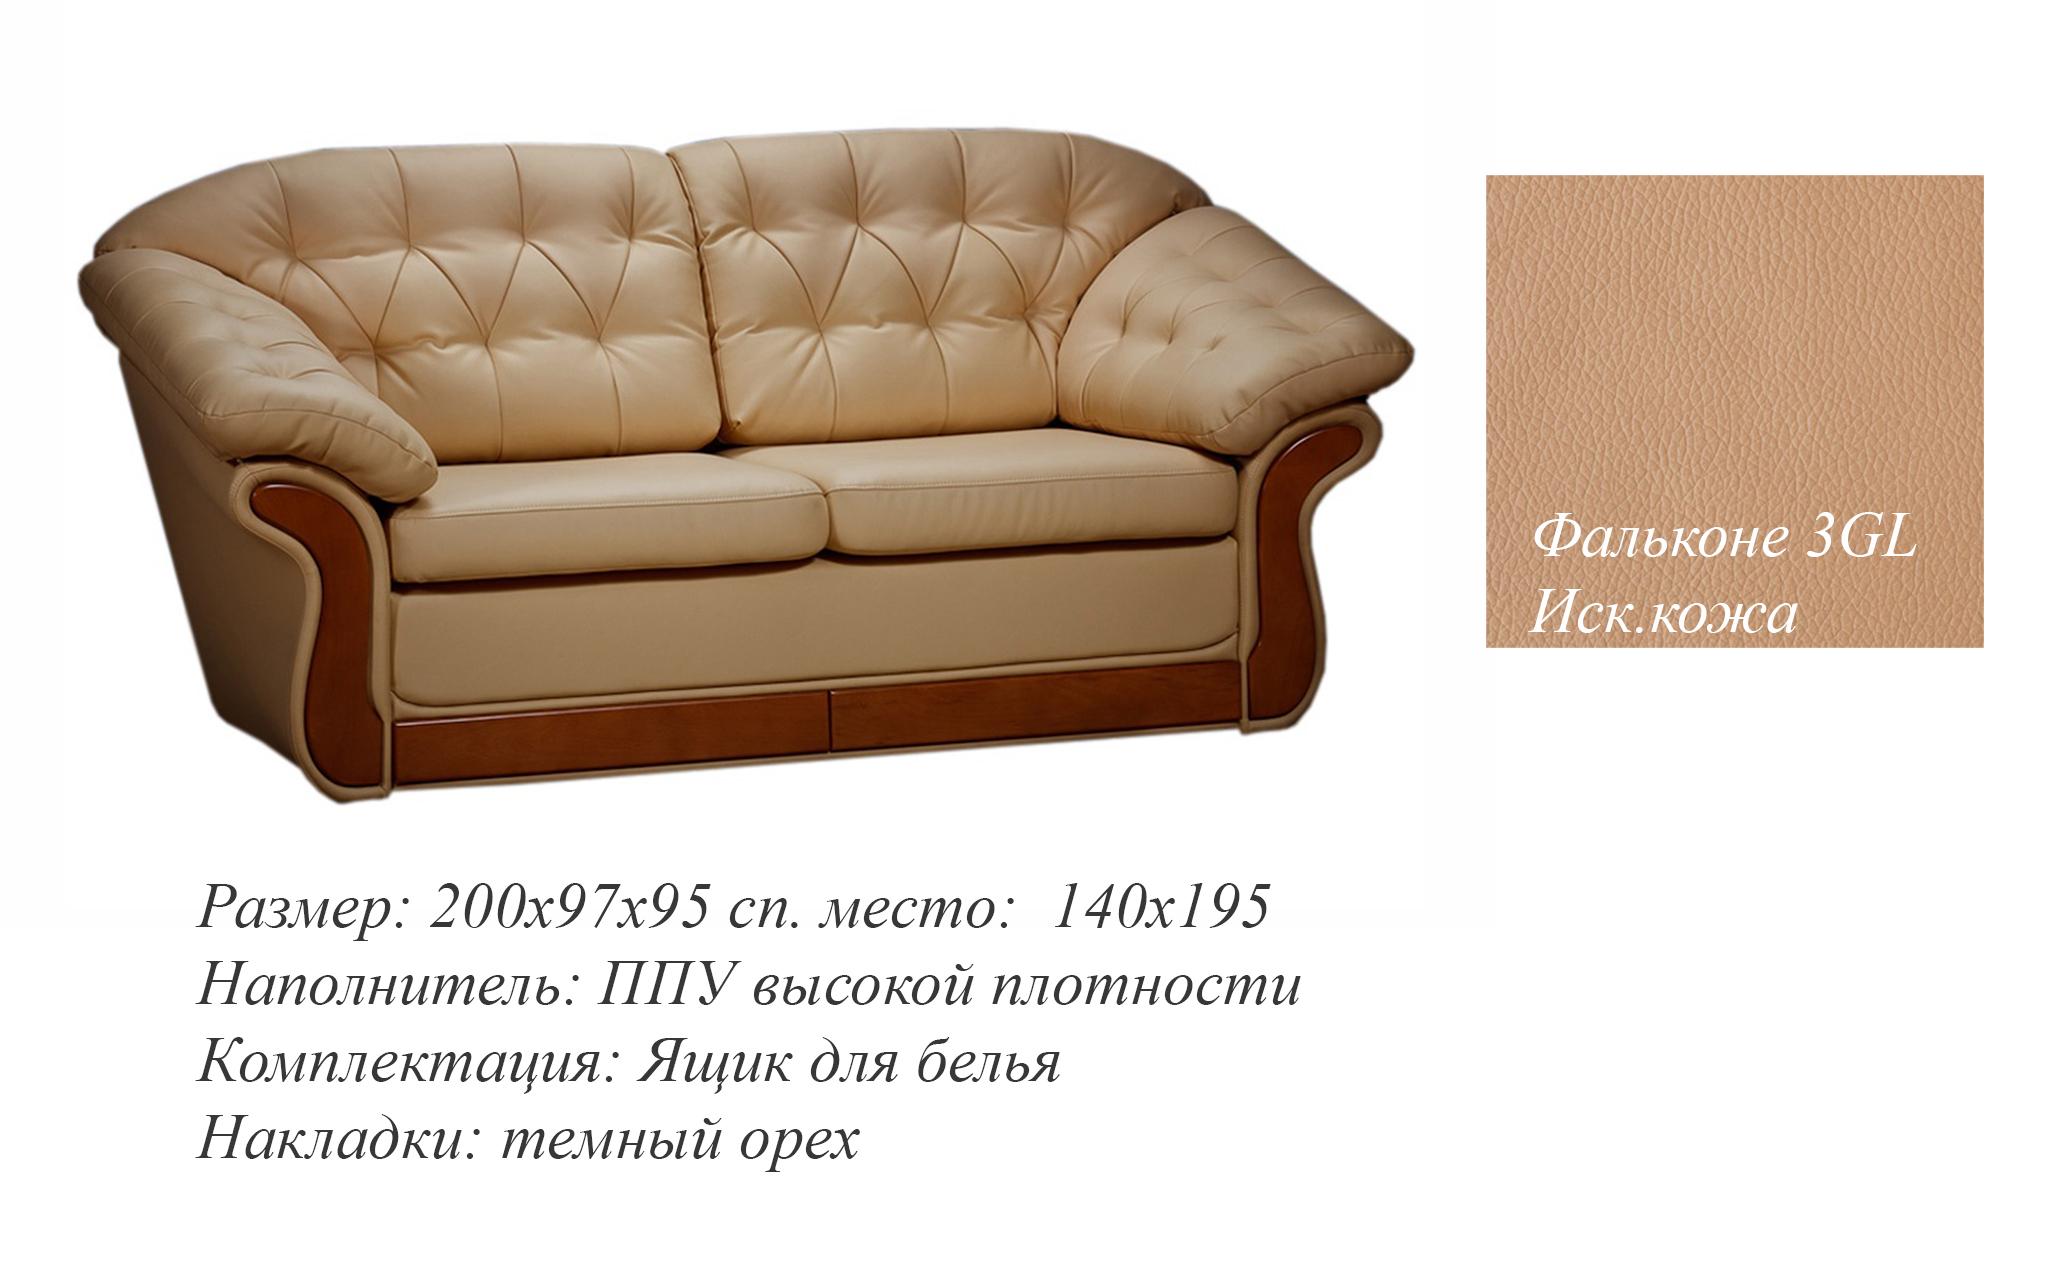 Выкатной диван Аурига-434л